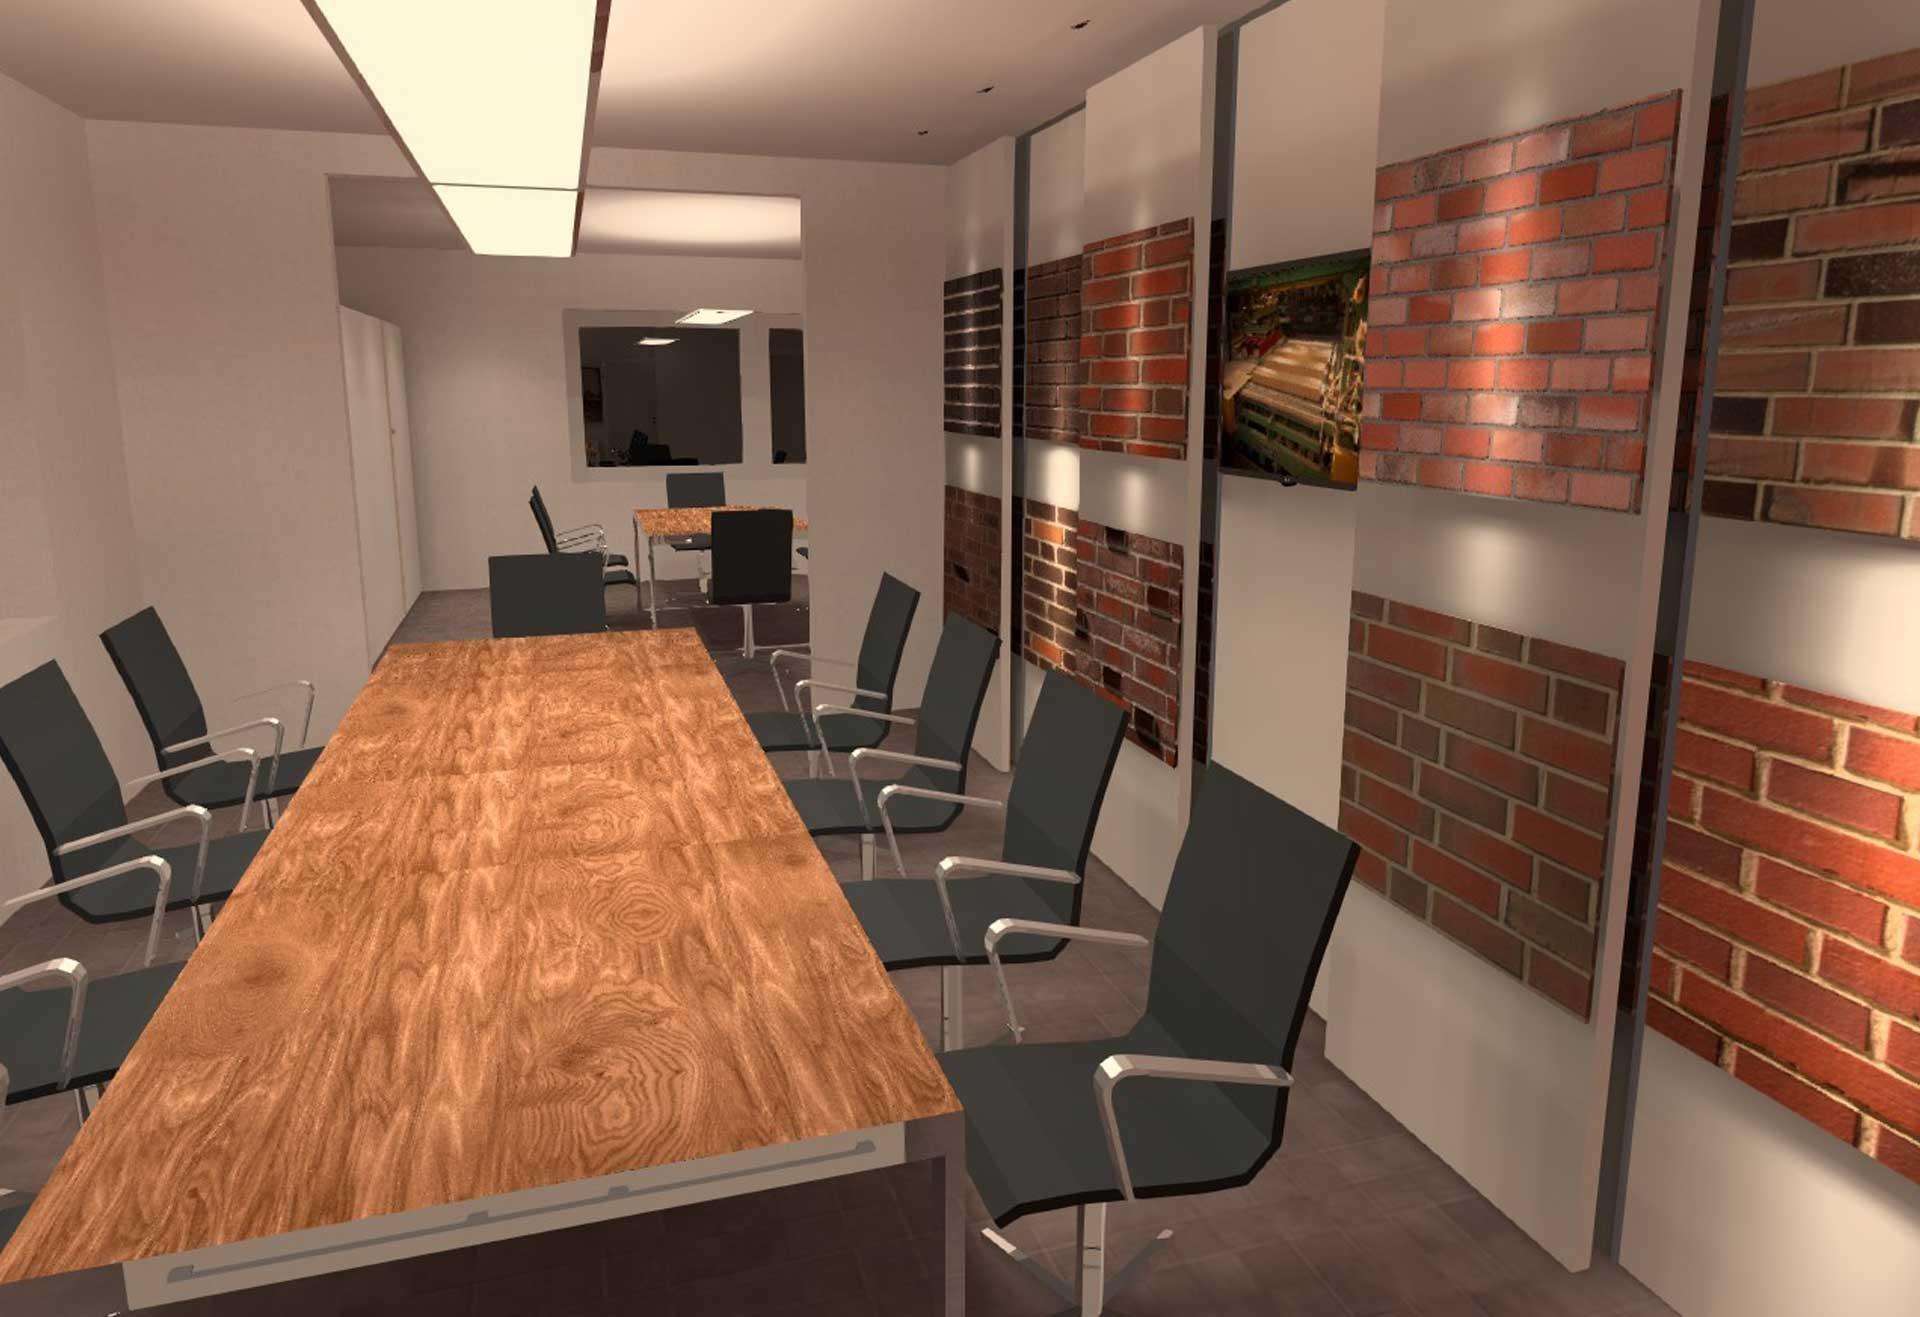 Lichtberechnung und Lichtplanung für realistische und farbechte Darstellung im Ausstellungsraum